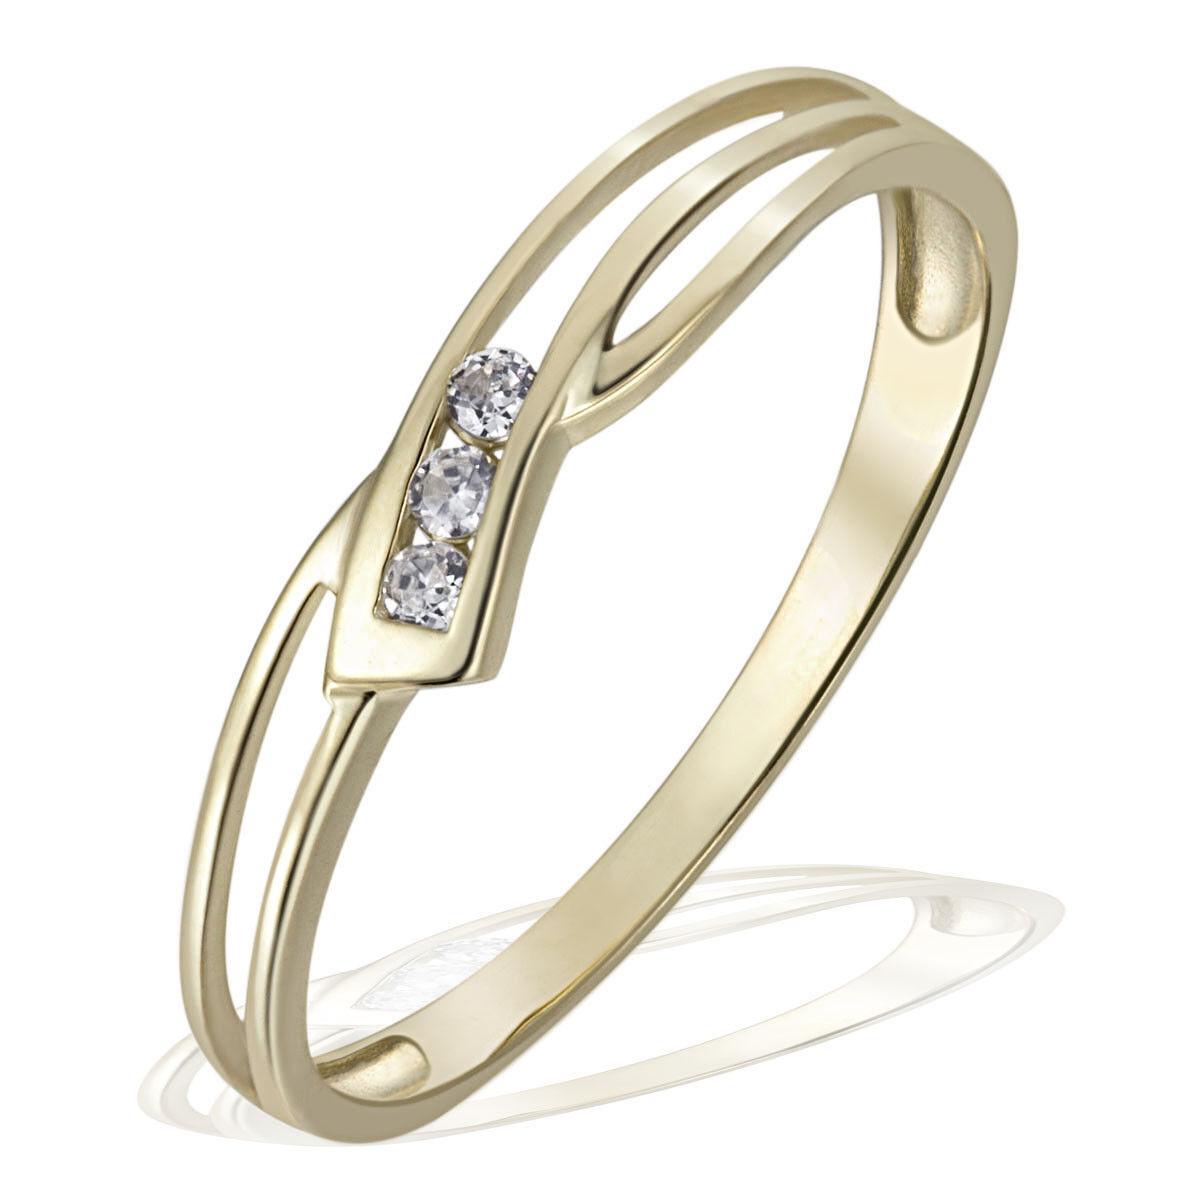 oro Maid Anello 375 375 375 giallo anello di fidanzamento oro 3 BIANCO DONNA ZIRCONI ANELLO NUOVO 4eef94